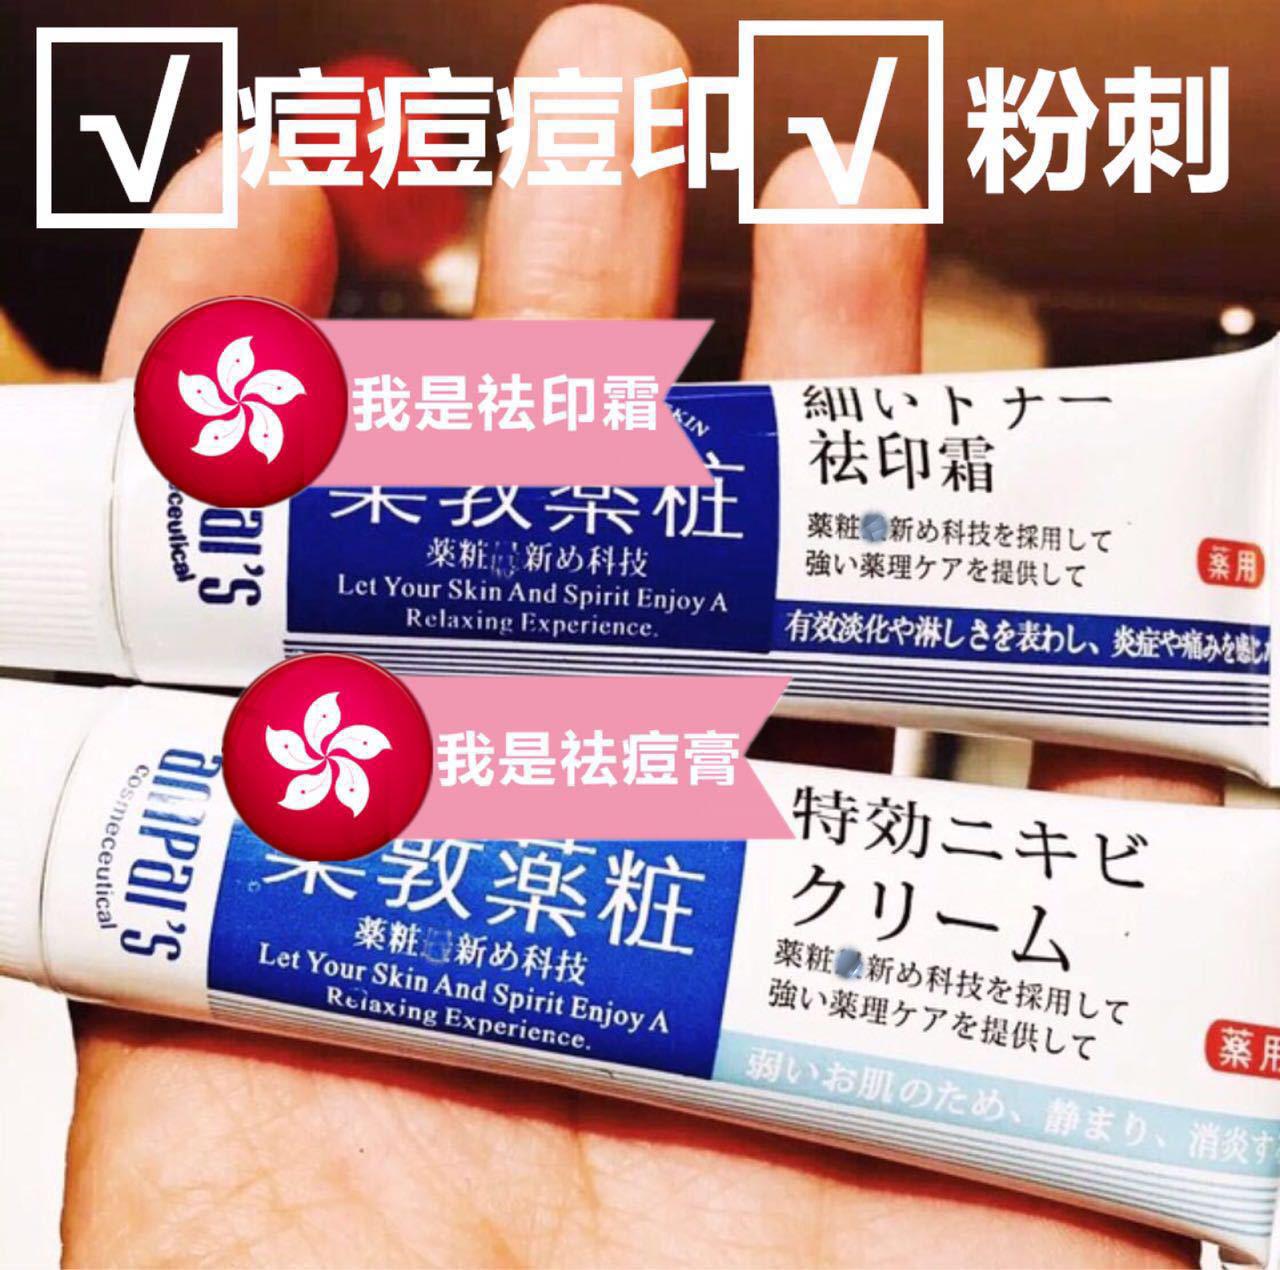 香港乐敦祛痘膏祛痘印 粉刺霜淡化痘疤暗疮男女通用闭口水杨酸1支图片